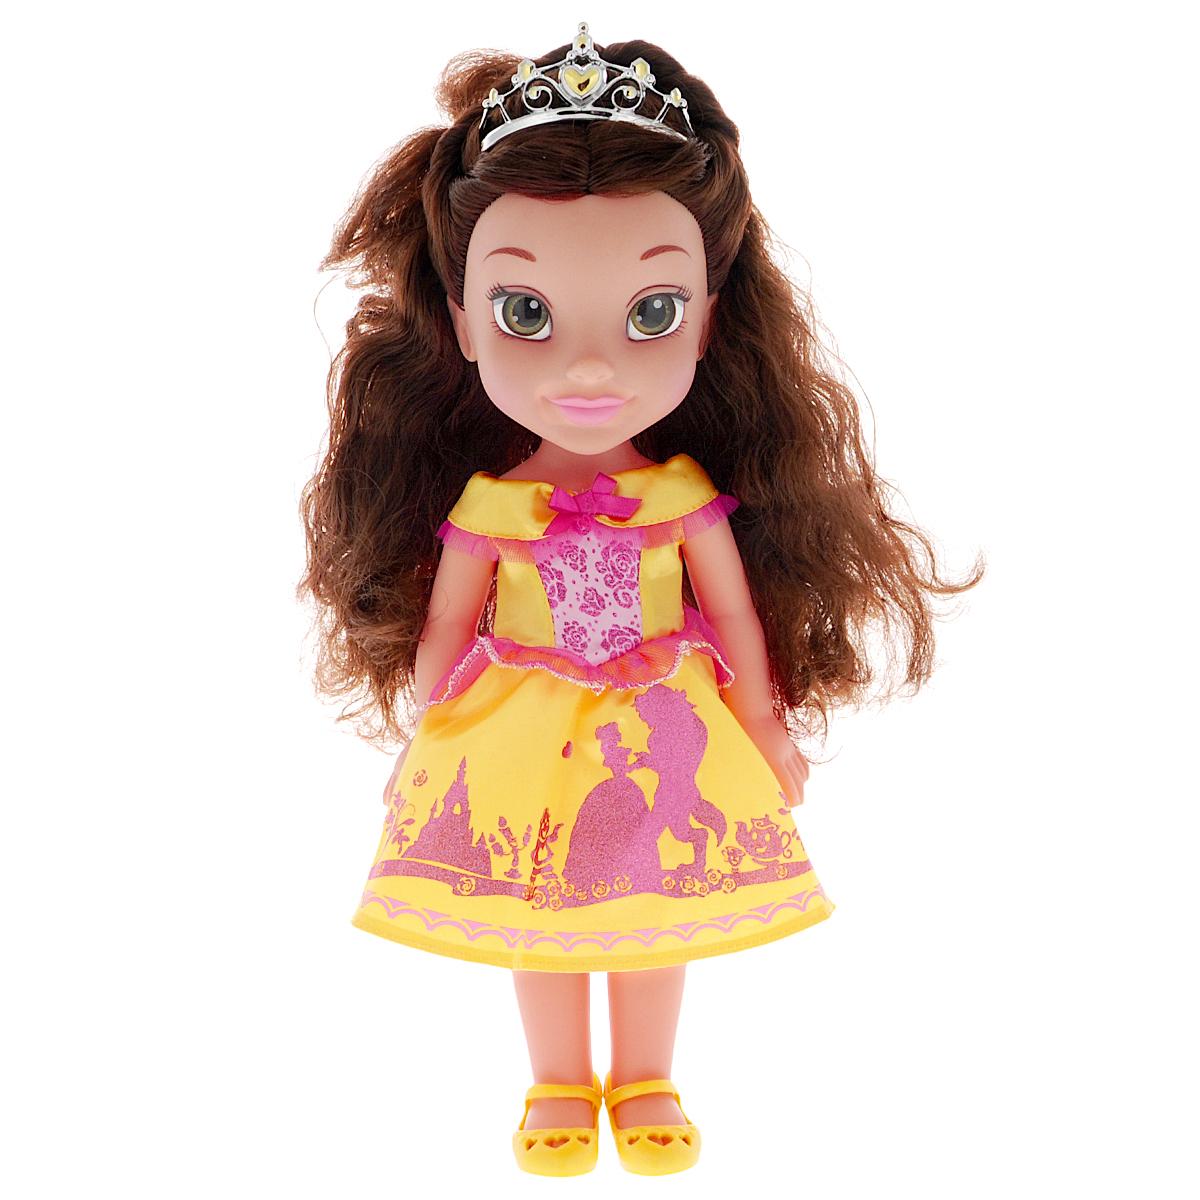 Disney Princess Кукла Малышка Белль750050_BelleКукла Disney Princess Малышка Белль прекрасная принцесса, которая обязательно понравится вашей дочурке. Туловище куклы выполнено из высококачественного пластика; голова, ручки и ножки подвижны. Принцесса одета в красивое платье, украшенное блестками и контрастными вставками. На ножках туфельки. Кукла имеет длинные шелковистые волосы, которые можно заплетать в различные прически. На голове - королевская тиара. Главная особенность куклы - большие глаза, которые блестят как настоящие. Глазки изготовлены по запатентованной технологии Royal Reflection. Такая куколка очарует вас и вашу дочурку с первого взгляда! Ваша малышка с удовольствием будет играть с принцессой, проигрывая сюжеты из мультфильма или придумывая различные истории. Порадуйте свою дочурку таким замечательным подарком!